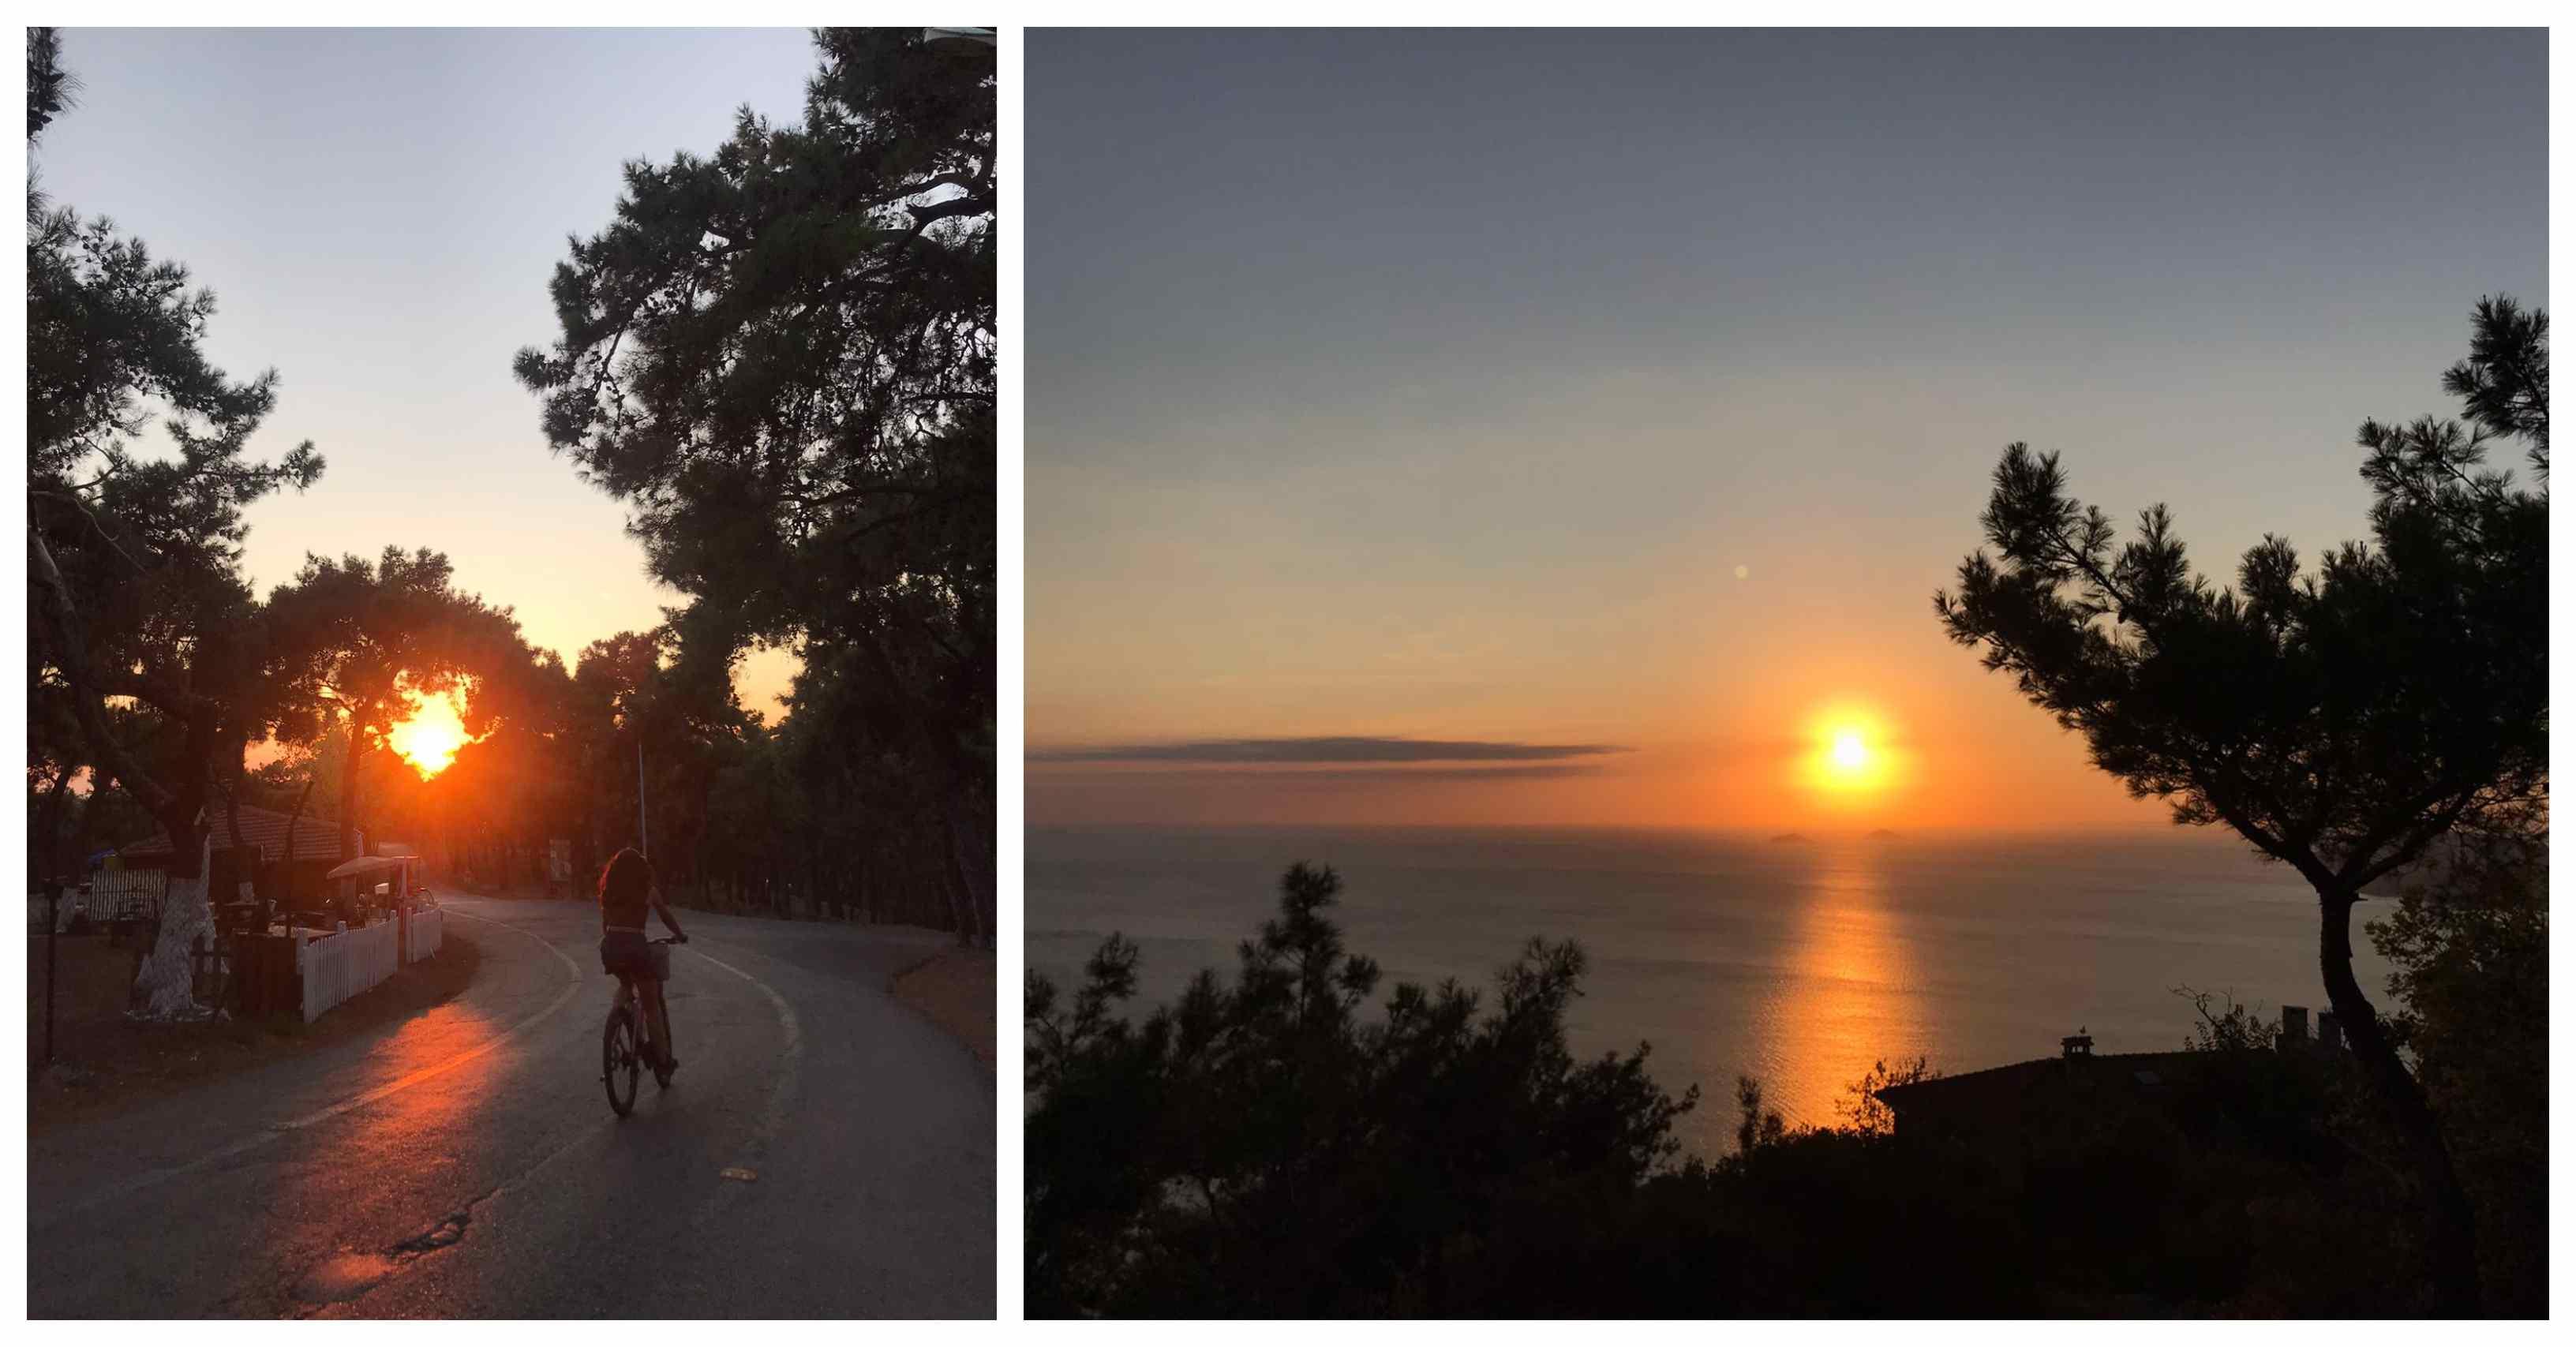 bisikletle büyükada gezisi - istanbul adaları